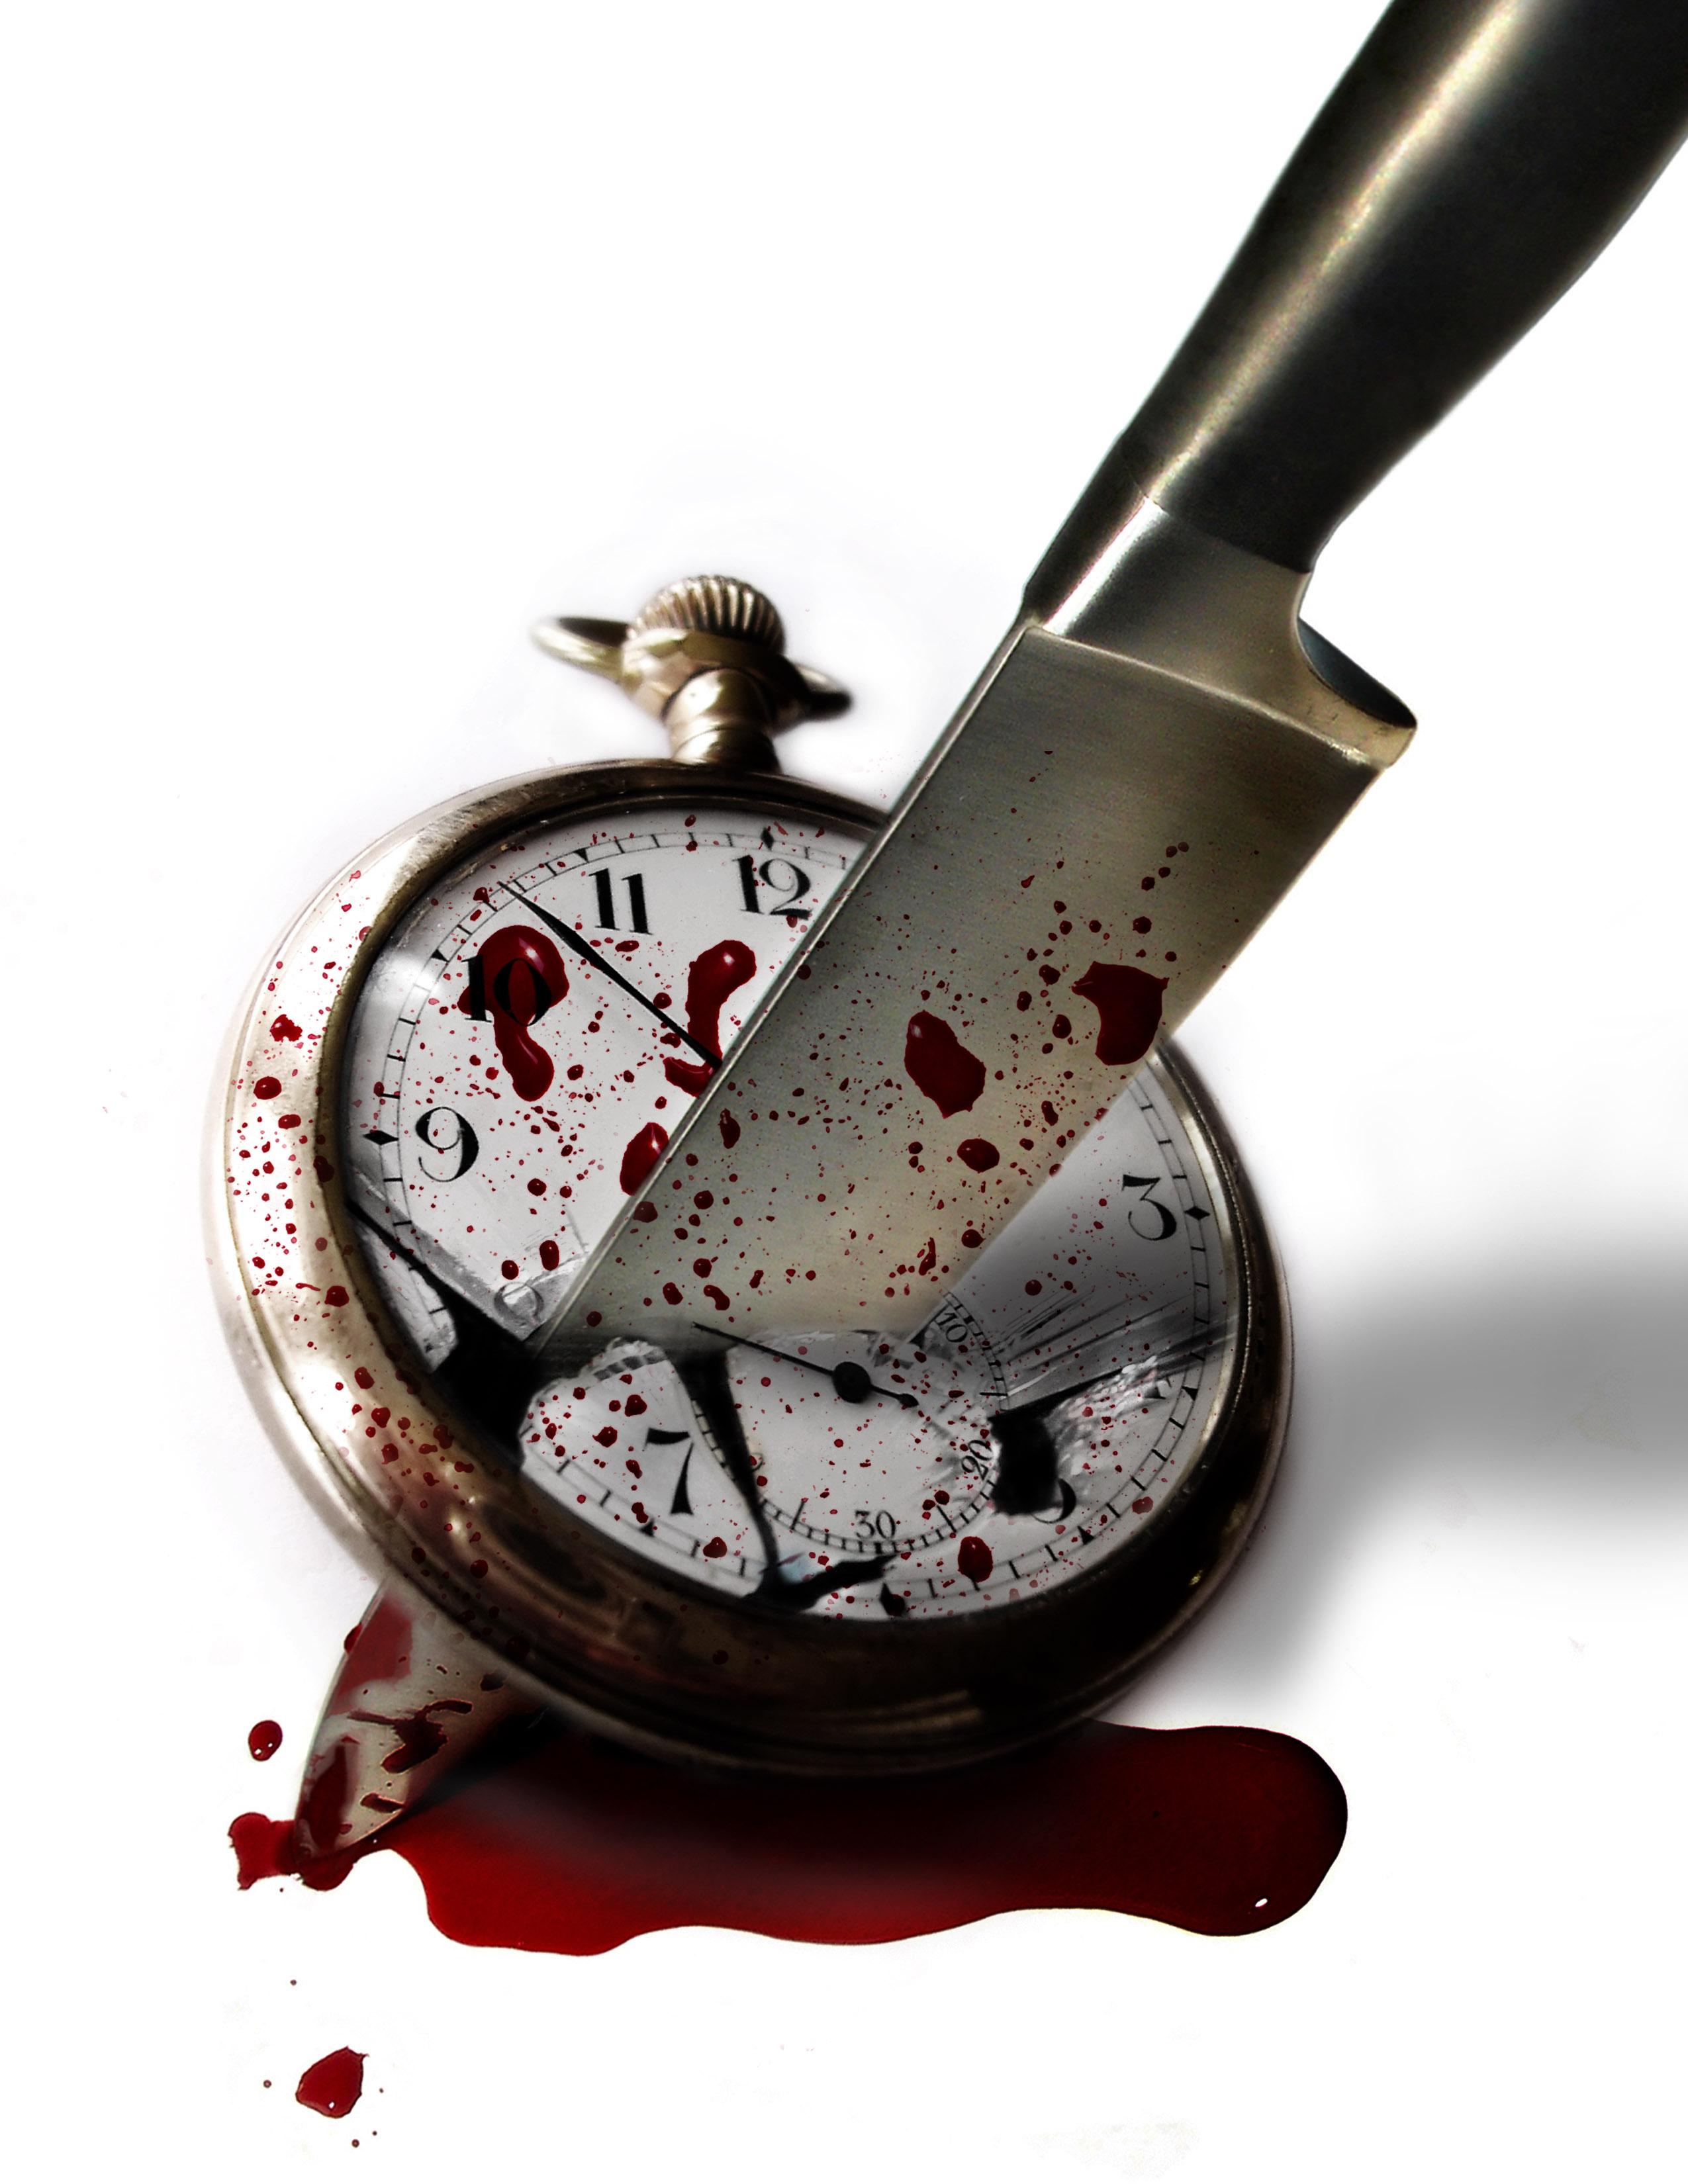 басню часы сломаны картинки любовь